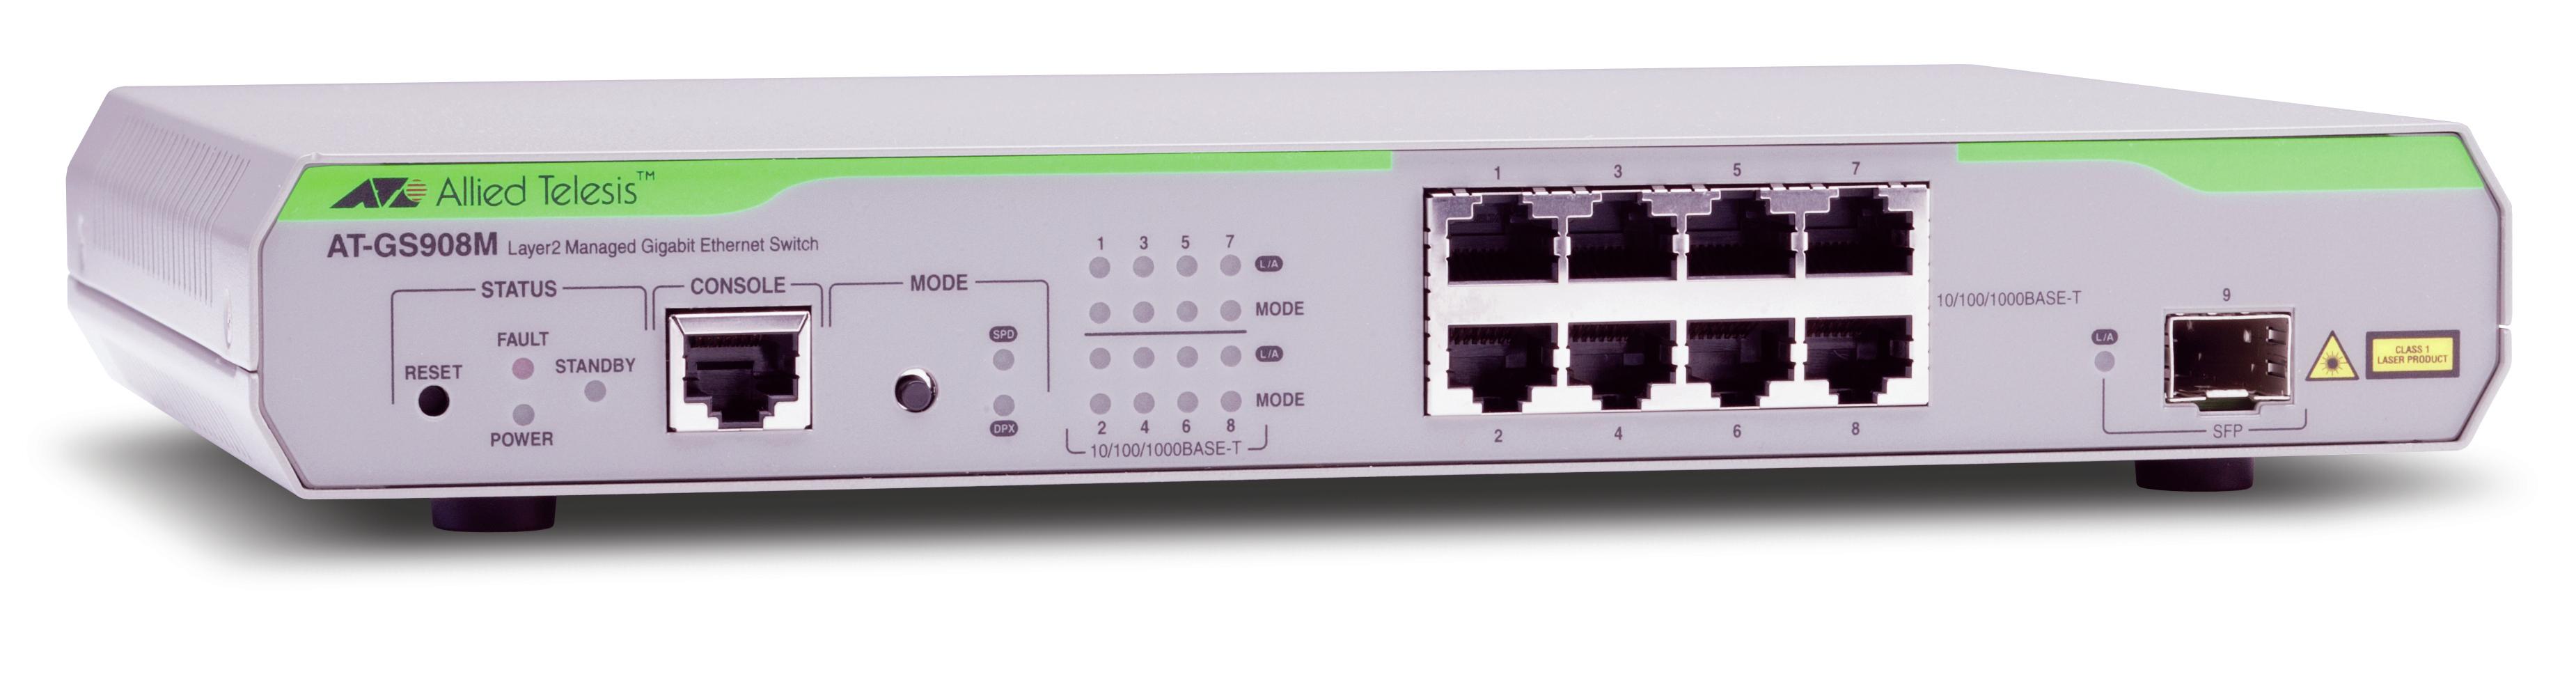 AT-GS908M-50